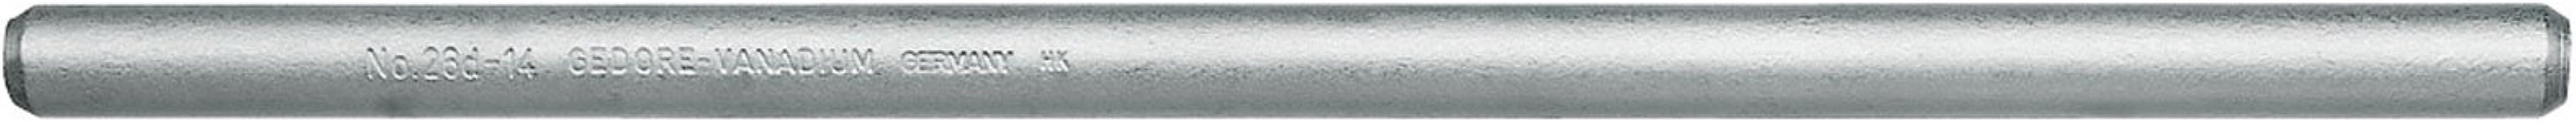 GEDORE 26 D 16 draaipen 400 mm, d 16 mm, 400 x16 mm